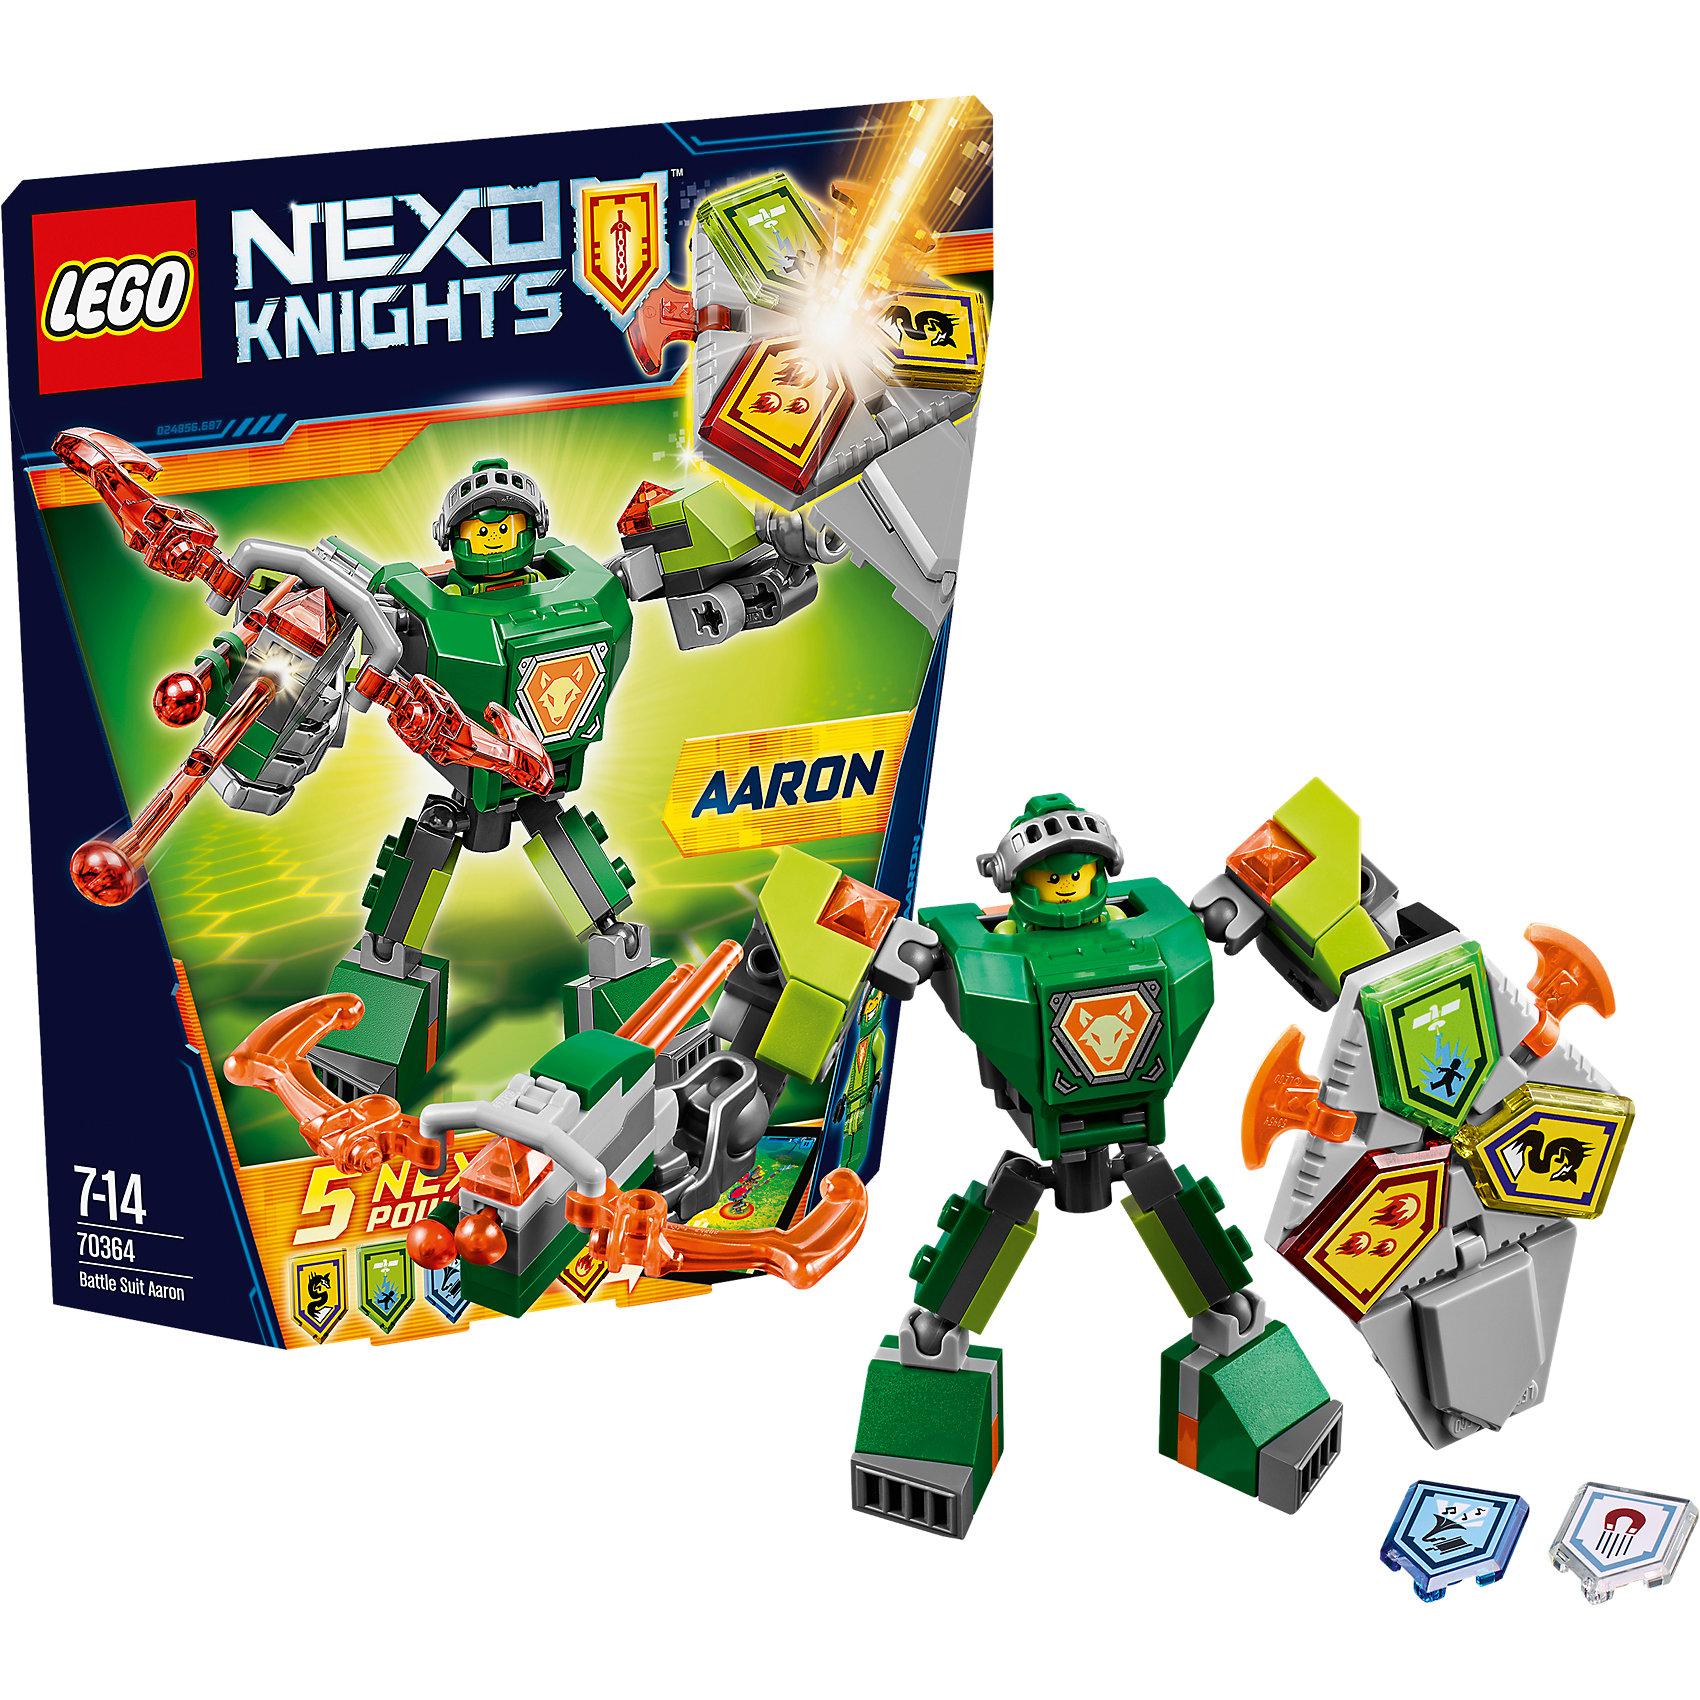 LEGO NEXO KNIGHTS 70364: Боевые доспехи АаронаПластмассовые конструкторы<br>LEGO NEXO KNIGHTS 70364: Боевые доспехи Аарона<br><br>Характеристики:<br><br>- в набор входит: доспехи, фигурка, 5 защитных сил, красочная инструкция<br>- состав: пластик<br>- количество деталей: 80<br>- размер коробки: 20 * 5,5 * 19 см.<br>- высота доспеха: 9 см.<br>- для детей в возрасте: от 7 до 14 лет<br>- Страна производитель: Дания/Китай/Чехия<br><br>Легендарный конструктор LEGO (ЛЕГО) представляет серию «NEXO KNIGHTS» (Нэксо Найтс) по сюжету одноименного мультсериала. Серия понравится любителям средневековья благодаря рыцарям, принцессам, монстрам и ужасным злодеям. Рыцарь Аарон получает свои новые боевые доспехи. Прекрасное сочетание темно-серого, зеленого, темно-зеленого и оранжевого цветов отлично ему подходят. Доспех на шарнирах и позволяет рыцарю свободно двигать руками и ногами в плечах, локтях, коленях, бедрах и торсе. Прочный щит содержит сразу три силы, а надежный и яркий арбалет станет отличным помощников в битве. Благодаря механизму можно стрелять из арбалета. Изображенный на груди герб Аарона является особенностью доспеха. Фигурка Аарона входит в комплект, отлично детализирована и имеет два выражения лица. Съемный шлем выглядит очень правдоподобно, забрало поднимается и опускается. К доспеху можно будет прикрепить дополнительные детали от LEGO NEXO KNIGHTS, которые выйдут во втором полугодии 2017 года. Помогай рыцарям бороться с каменными монстрами с помощью прогресса и невероятной Нексо силы!<br><br>Конструктор LEGO NEXO KNIGHTS 70364: Боевые доспехи Аарона можно купить в нашем интернет-магазине.<br><br>Ширина мм: 211<br>Глубина мм: 190<br>Высота мм: 50<br>Вес г: 124<br>Возраст от месяцев: 84<br>Возраст до месяцев: 168<br>Пол: Мужской<br>Возраст: Детский<br>SKU: 5002426